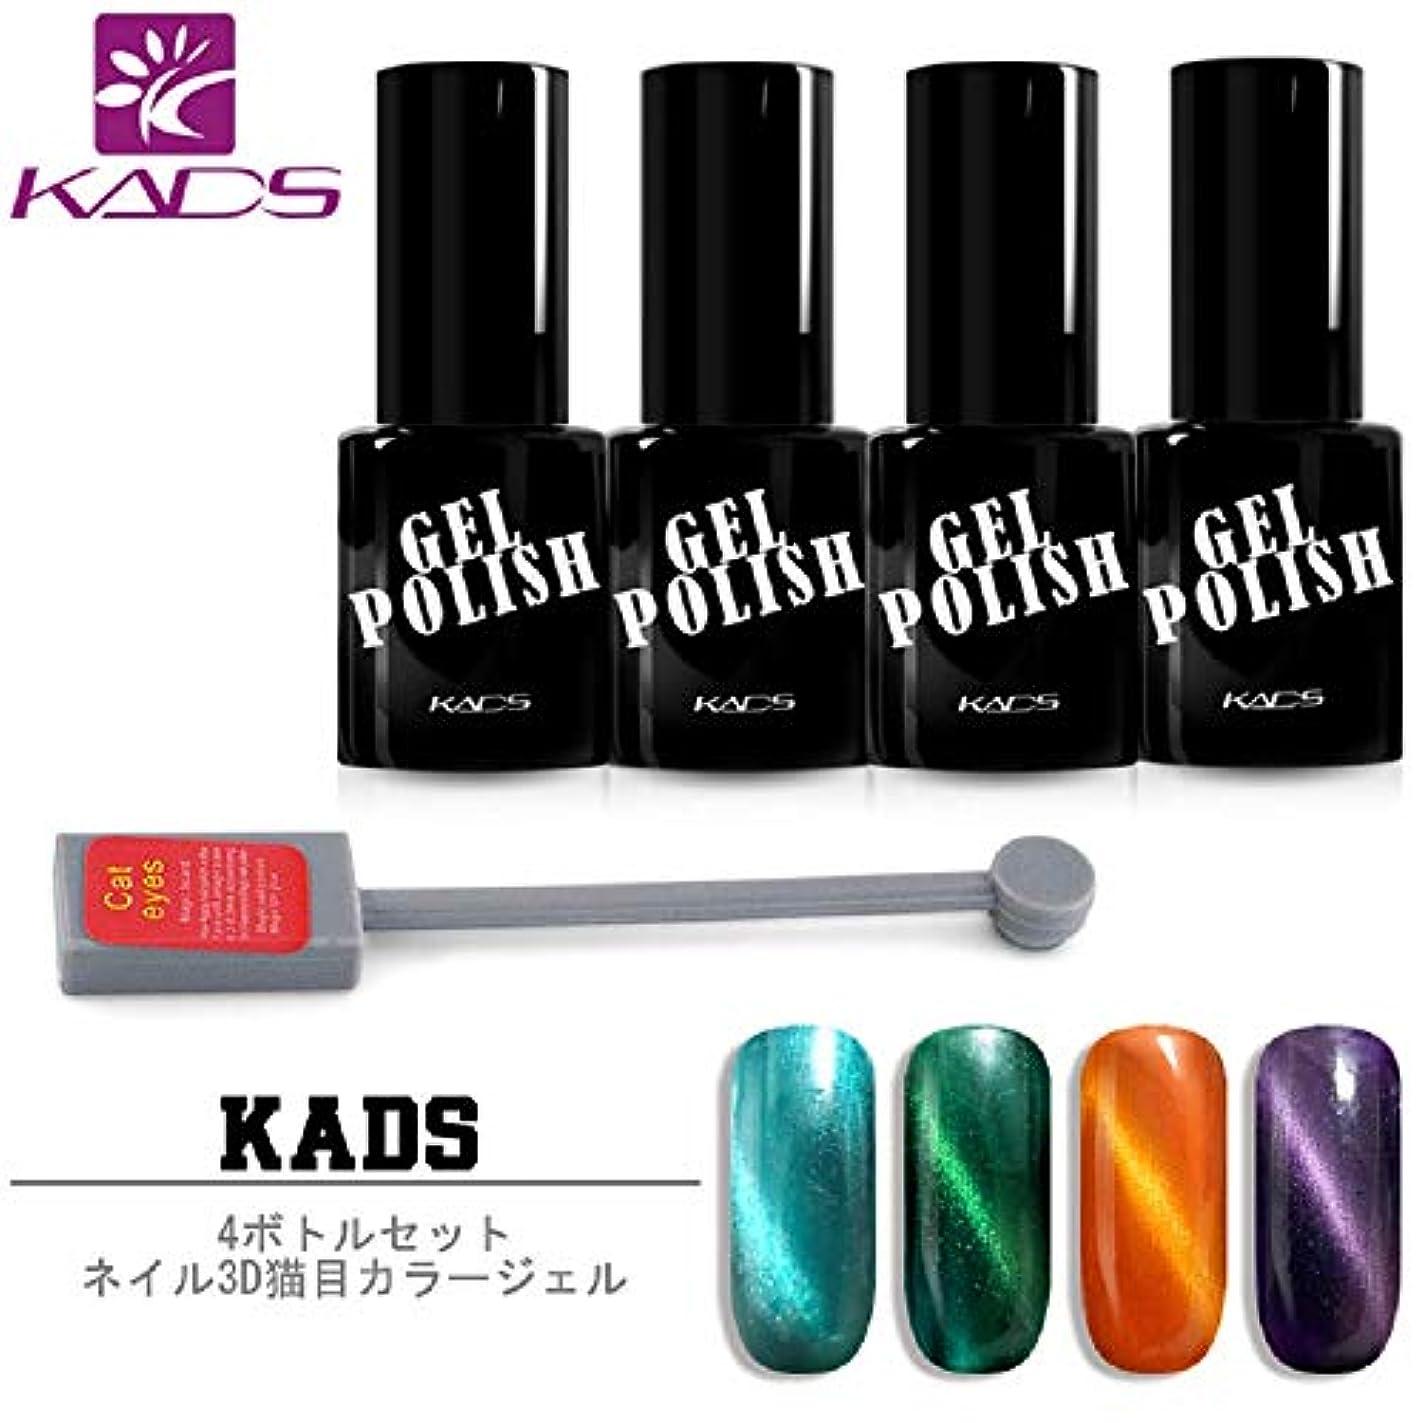 シュート小道貫通するKADS キャッツアイジェル ジェルネイル カラーポリッシュ 4色セット 猫目 UV/LED対応 マグネット 磁石付き マニキュアセット (セット2)